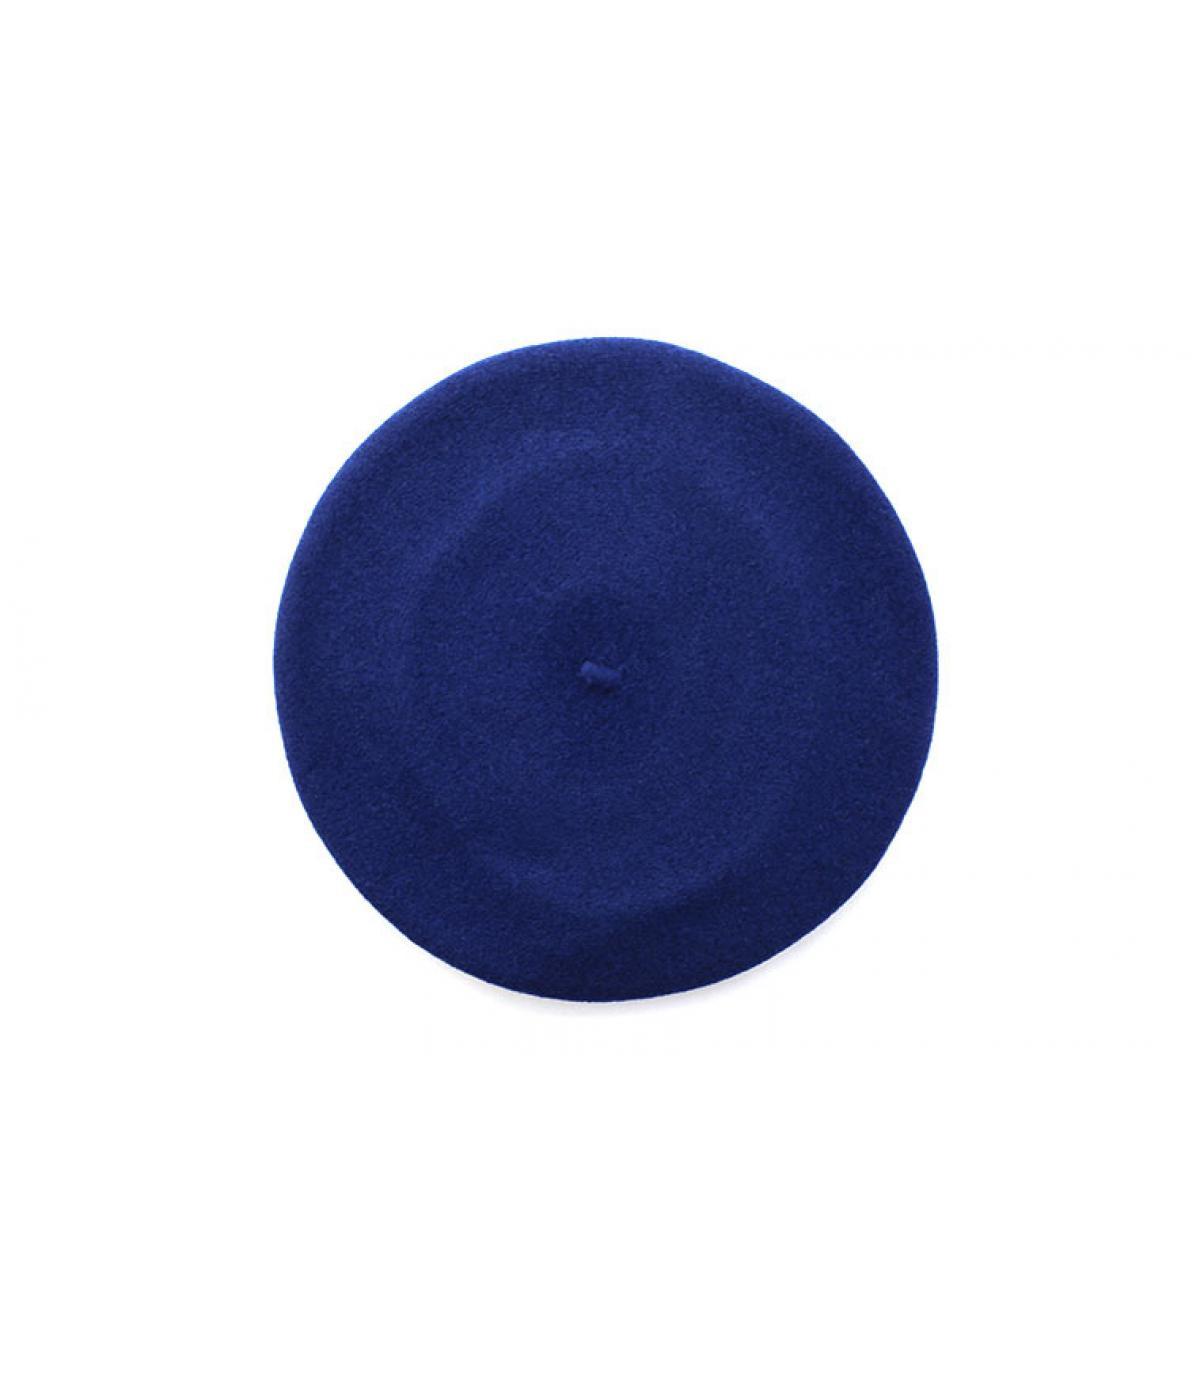 béret bord-côte bleu